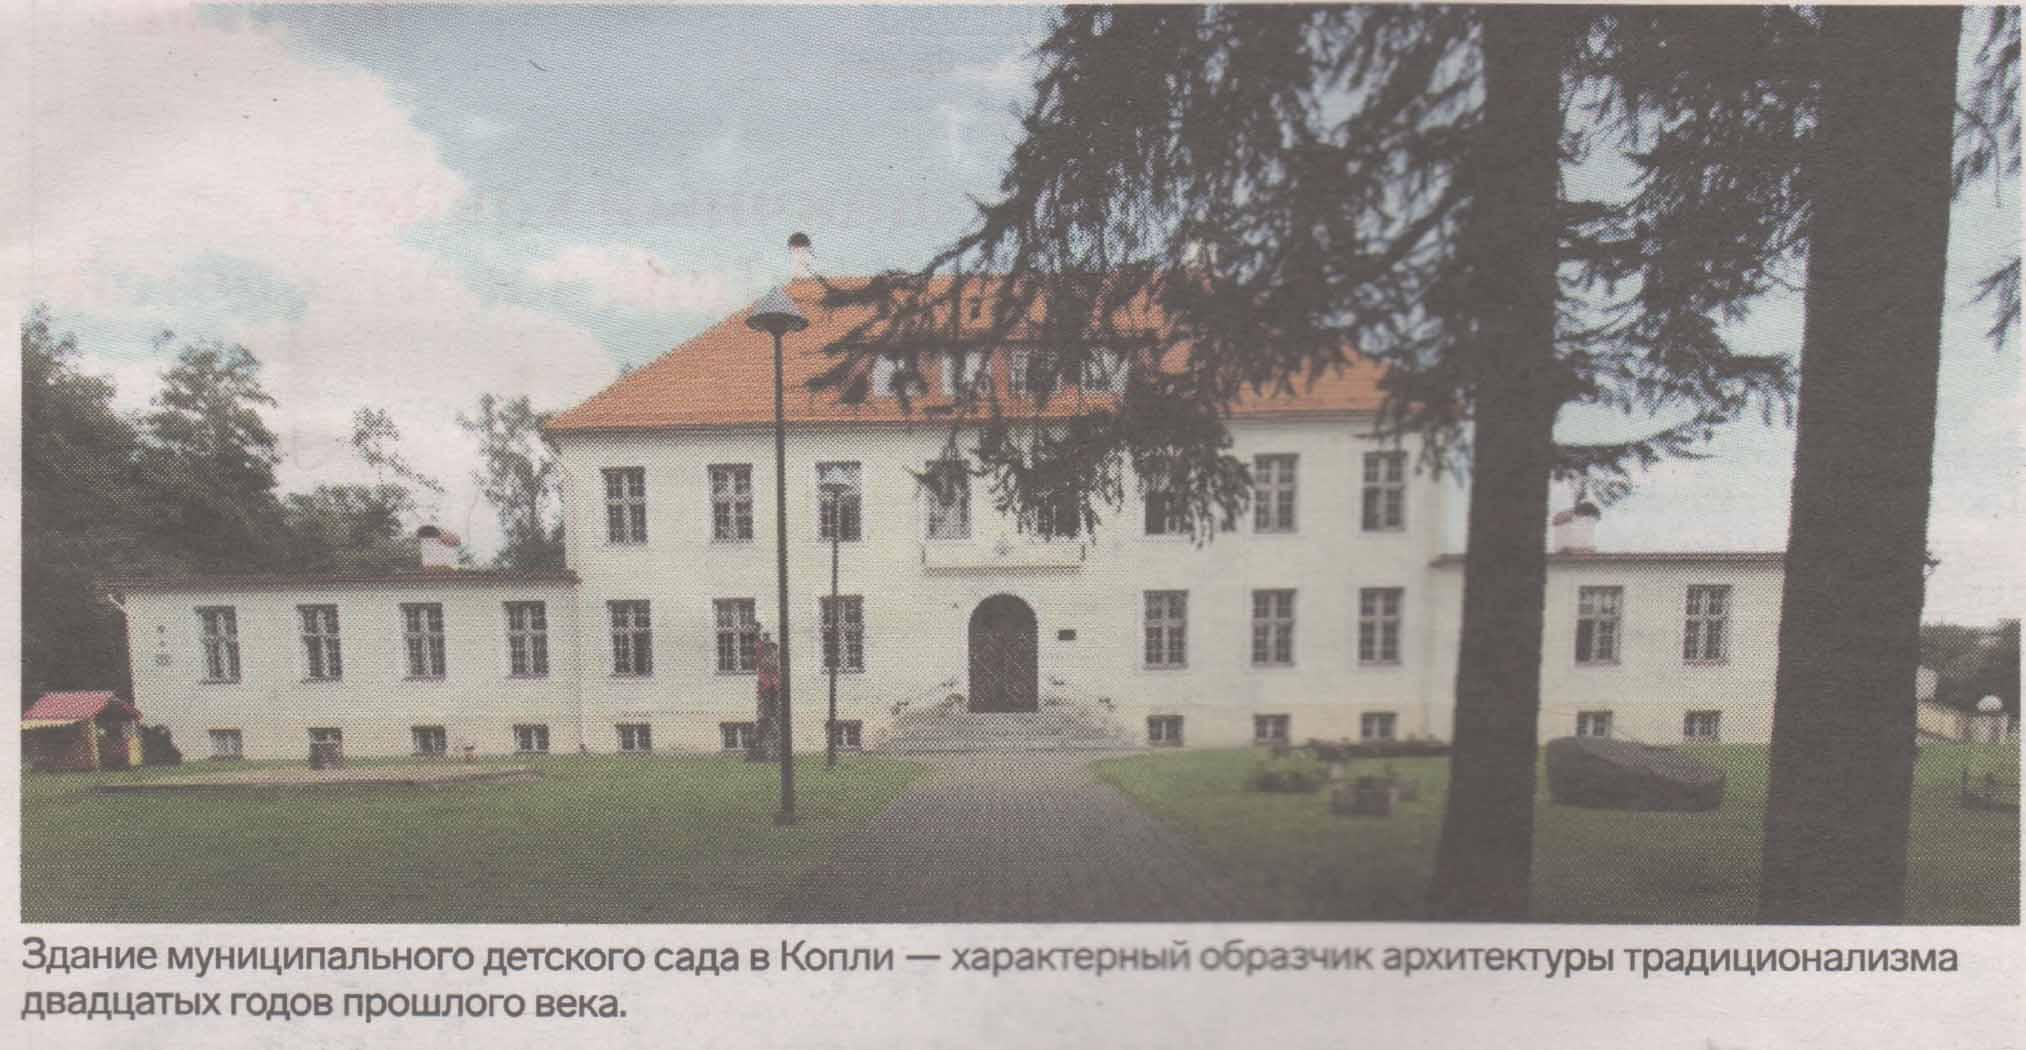 Здание муниципального детского сада в Копли — характерный образчик архитектуры традиционализма двадцатых годов прошлого века.